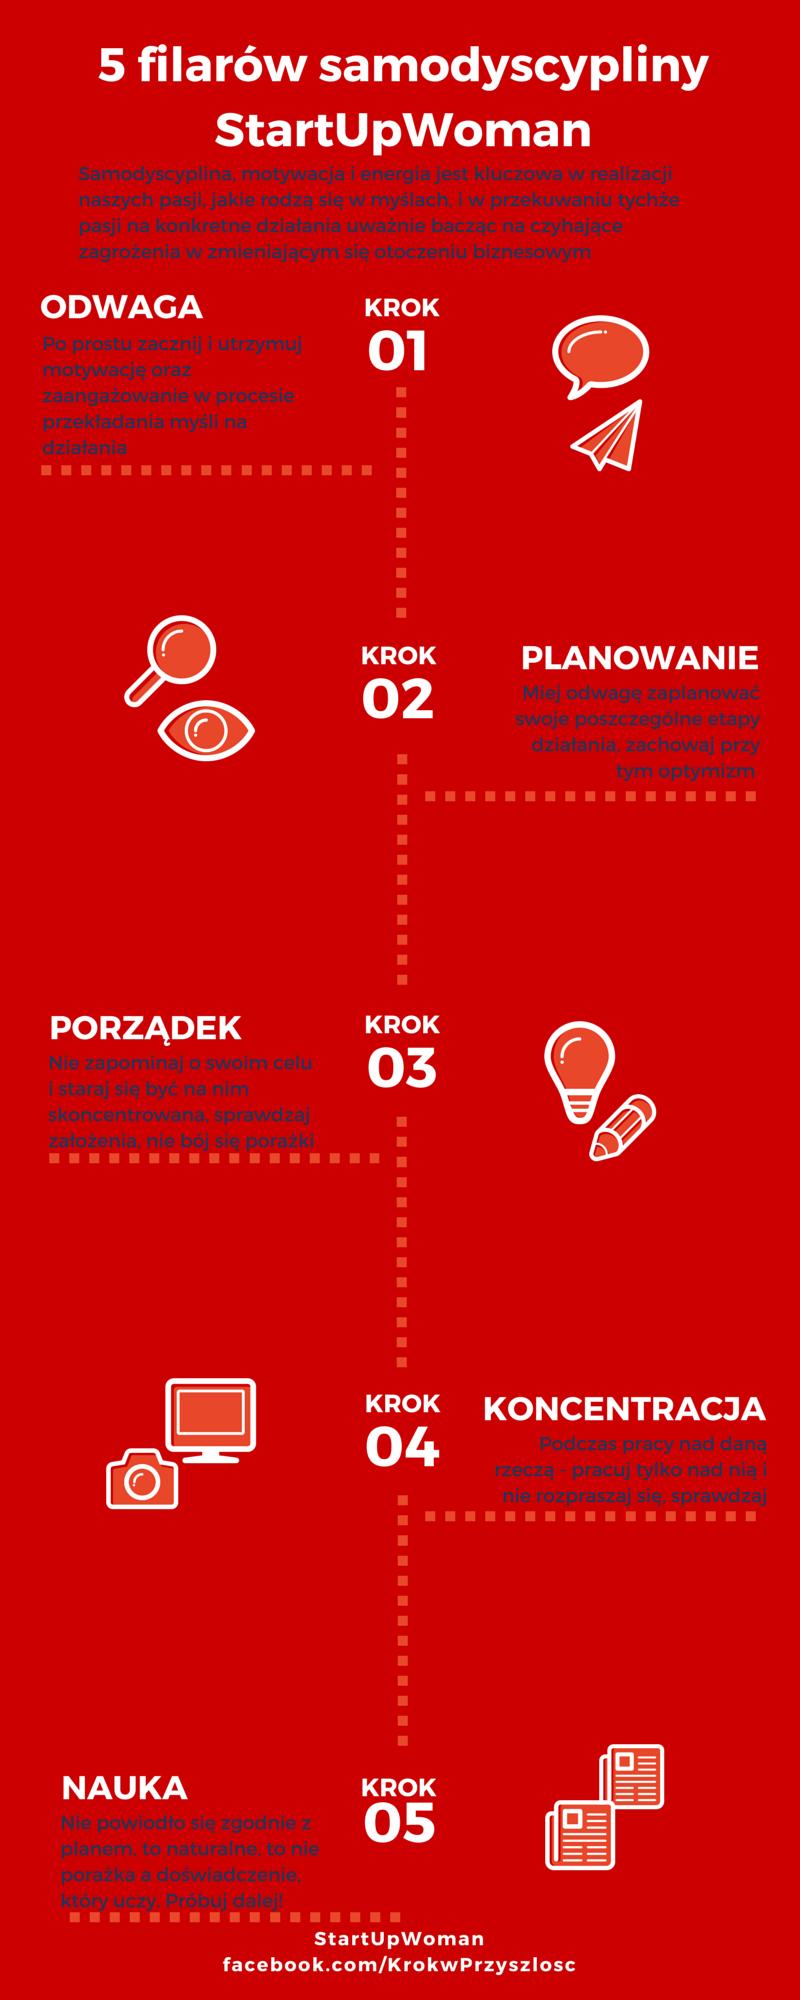 www.magdastawska.pl